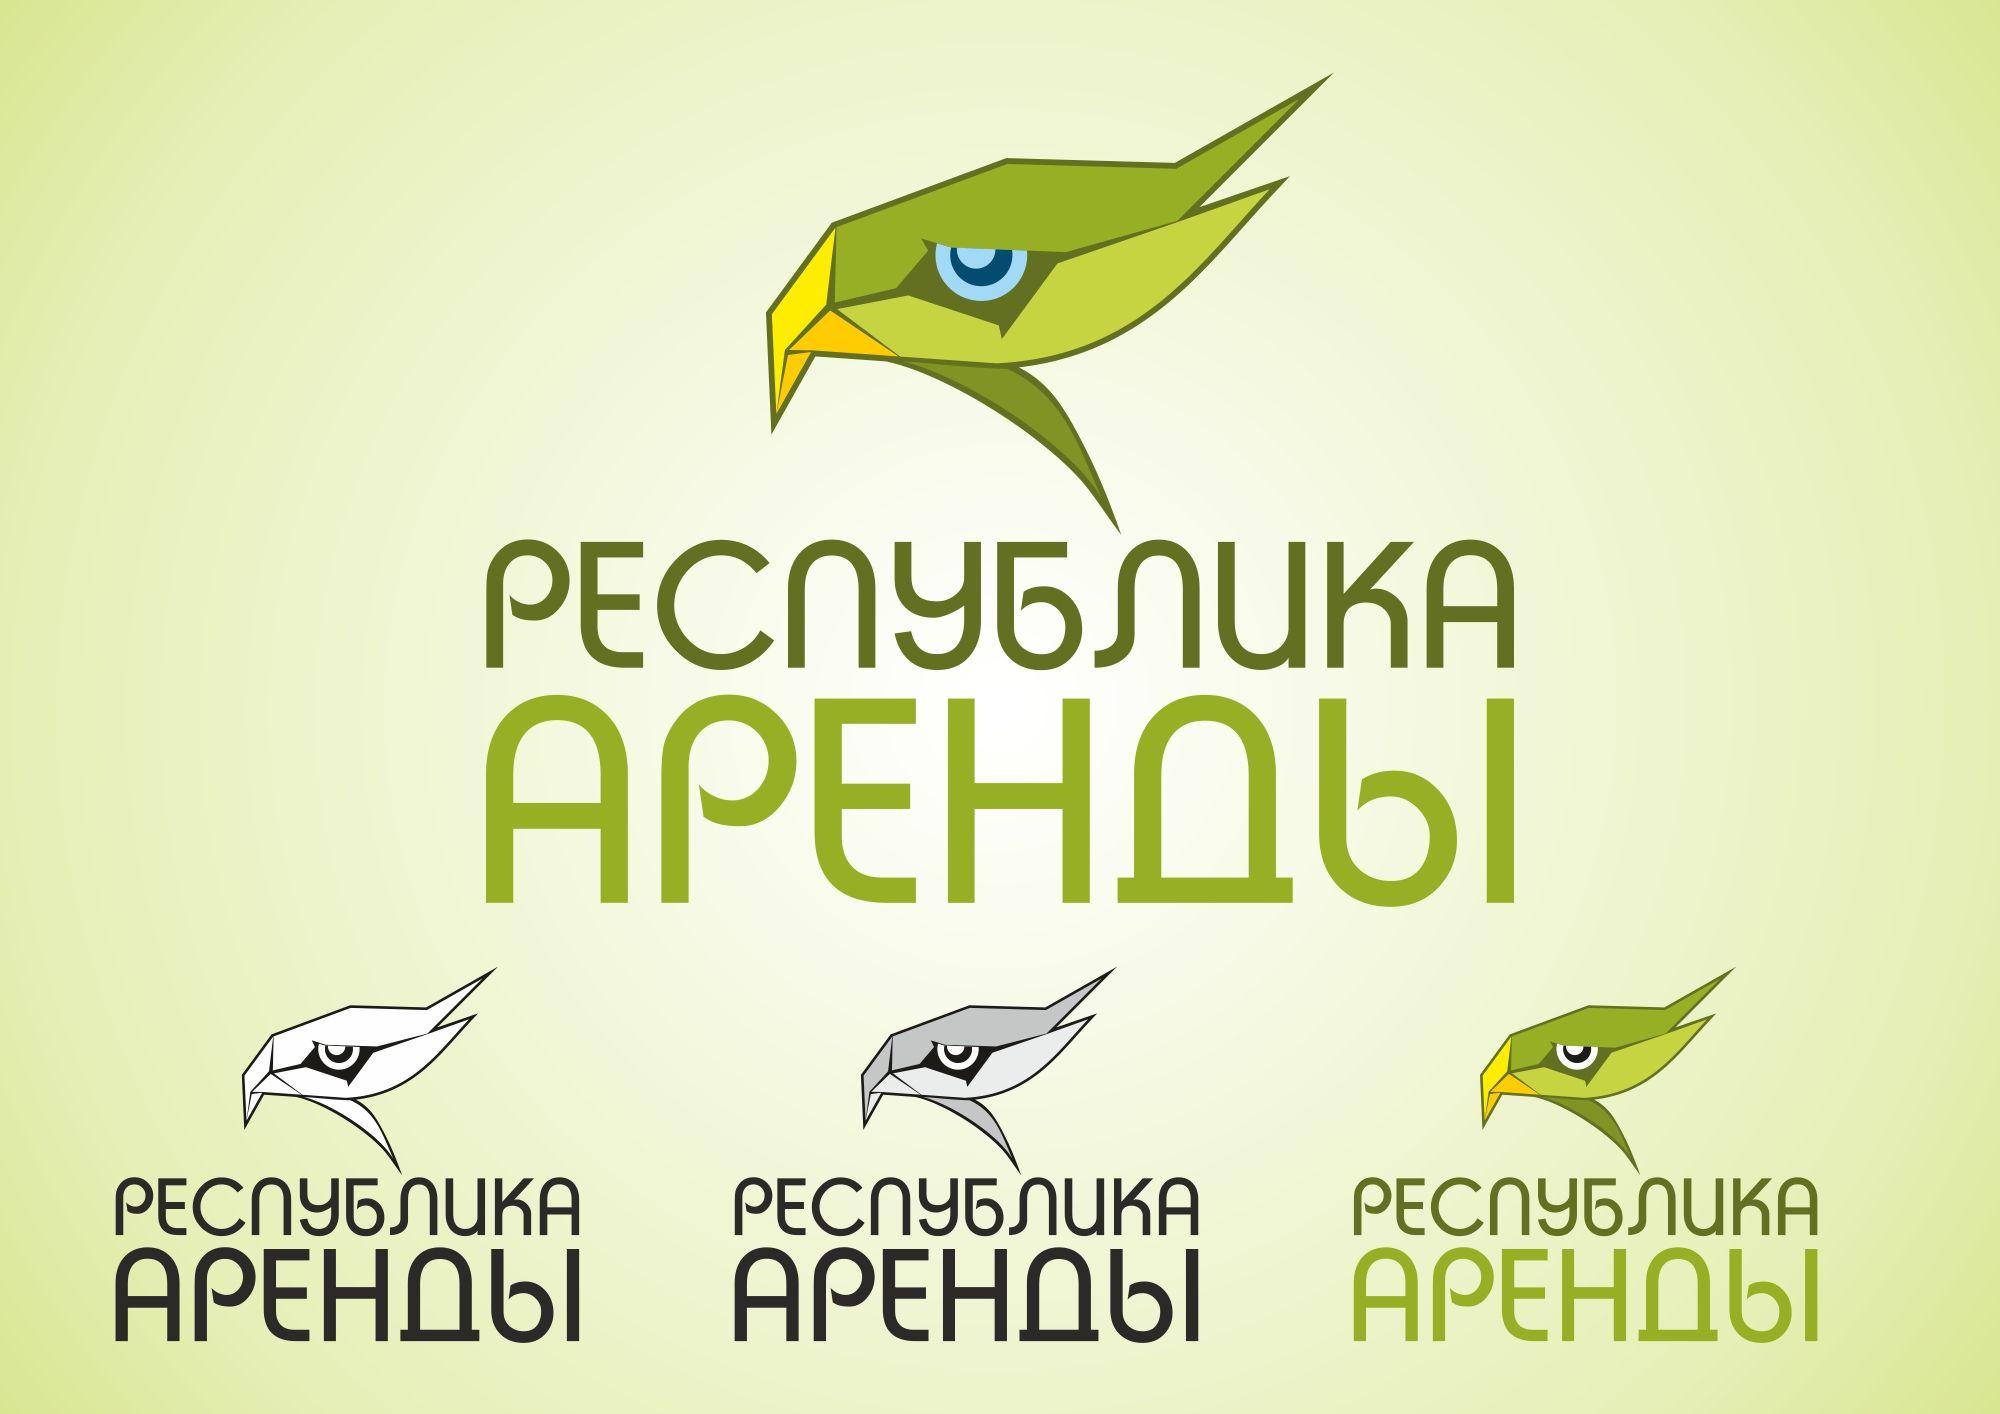 Логотип для компании по аренде квадракоптеров - дизайнер Vlsdimir